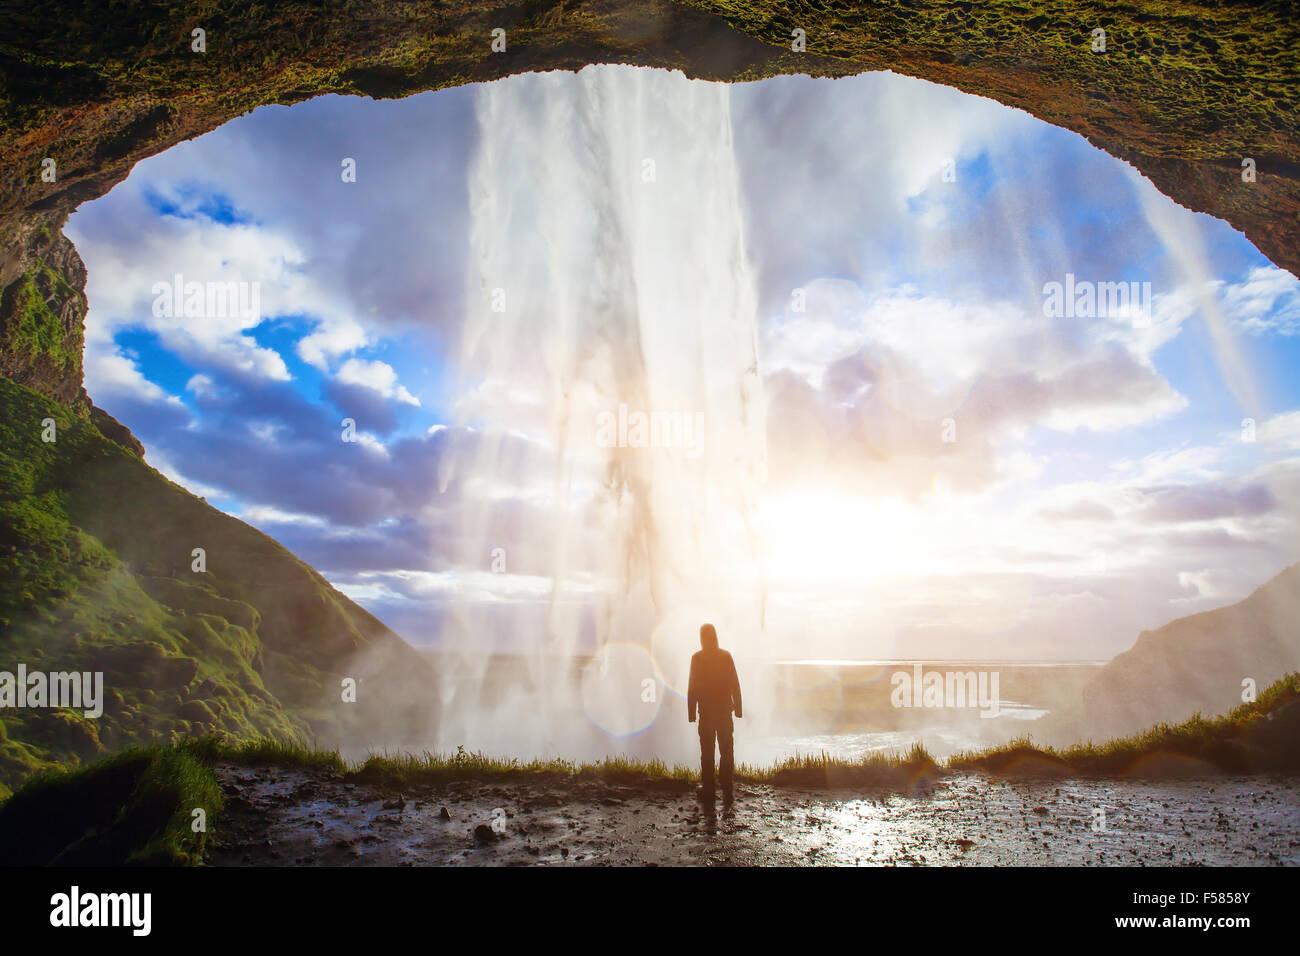 Incredibile cascata in Islanda, silhouette dell'uomo godendo di una vista fantastica della natura Immagini Stock